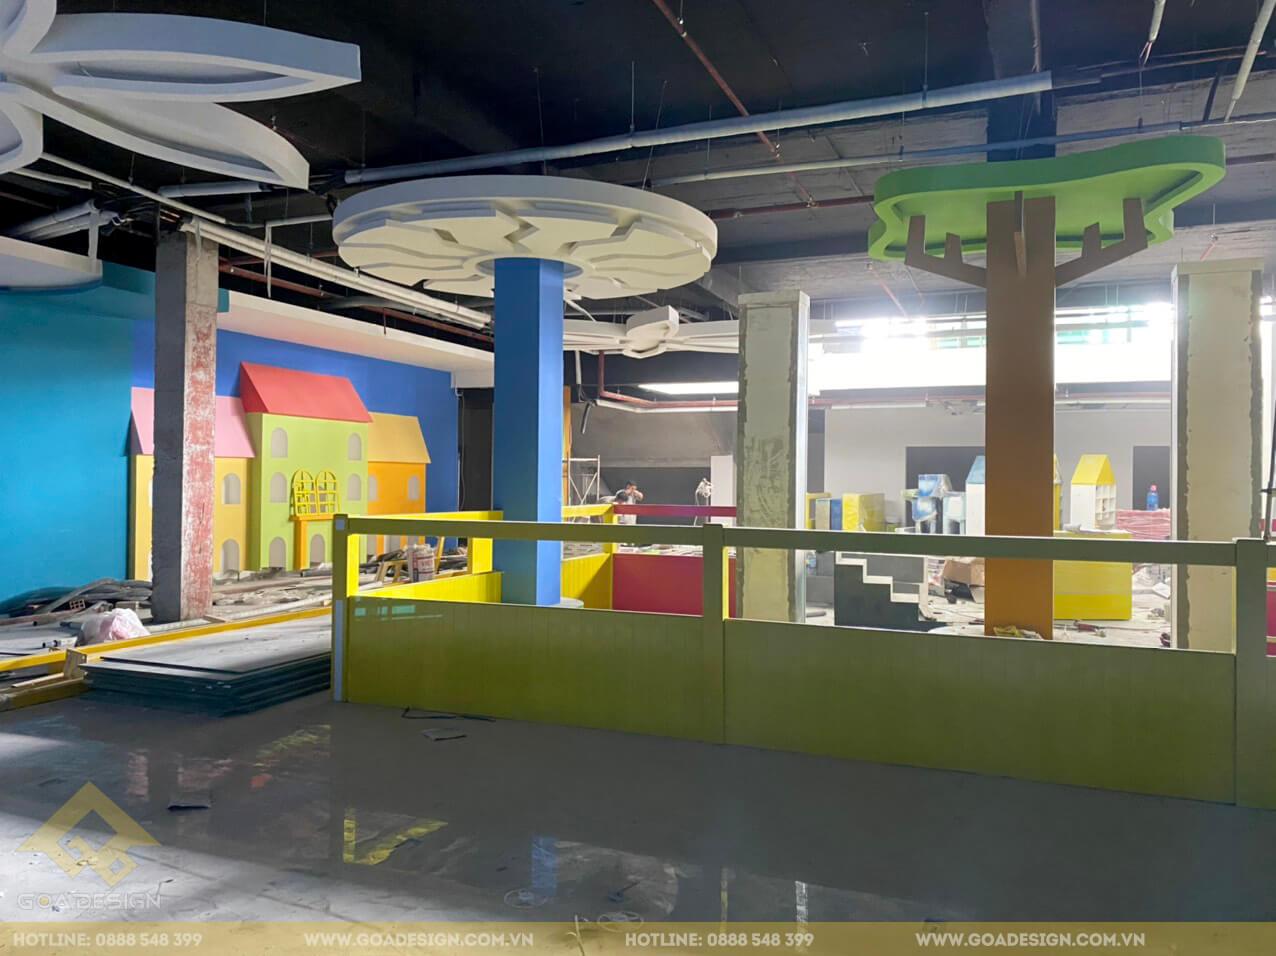 GOADESIGN-Thiết kế thi công khu vui chơi trẻ em (14)